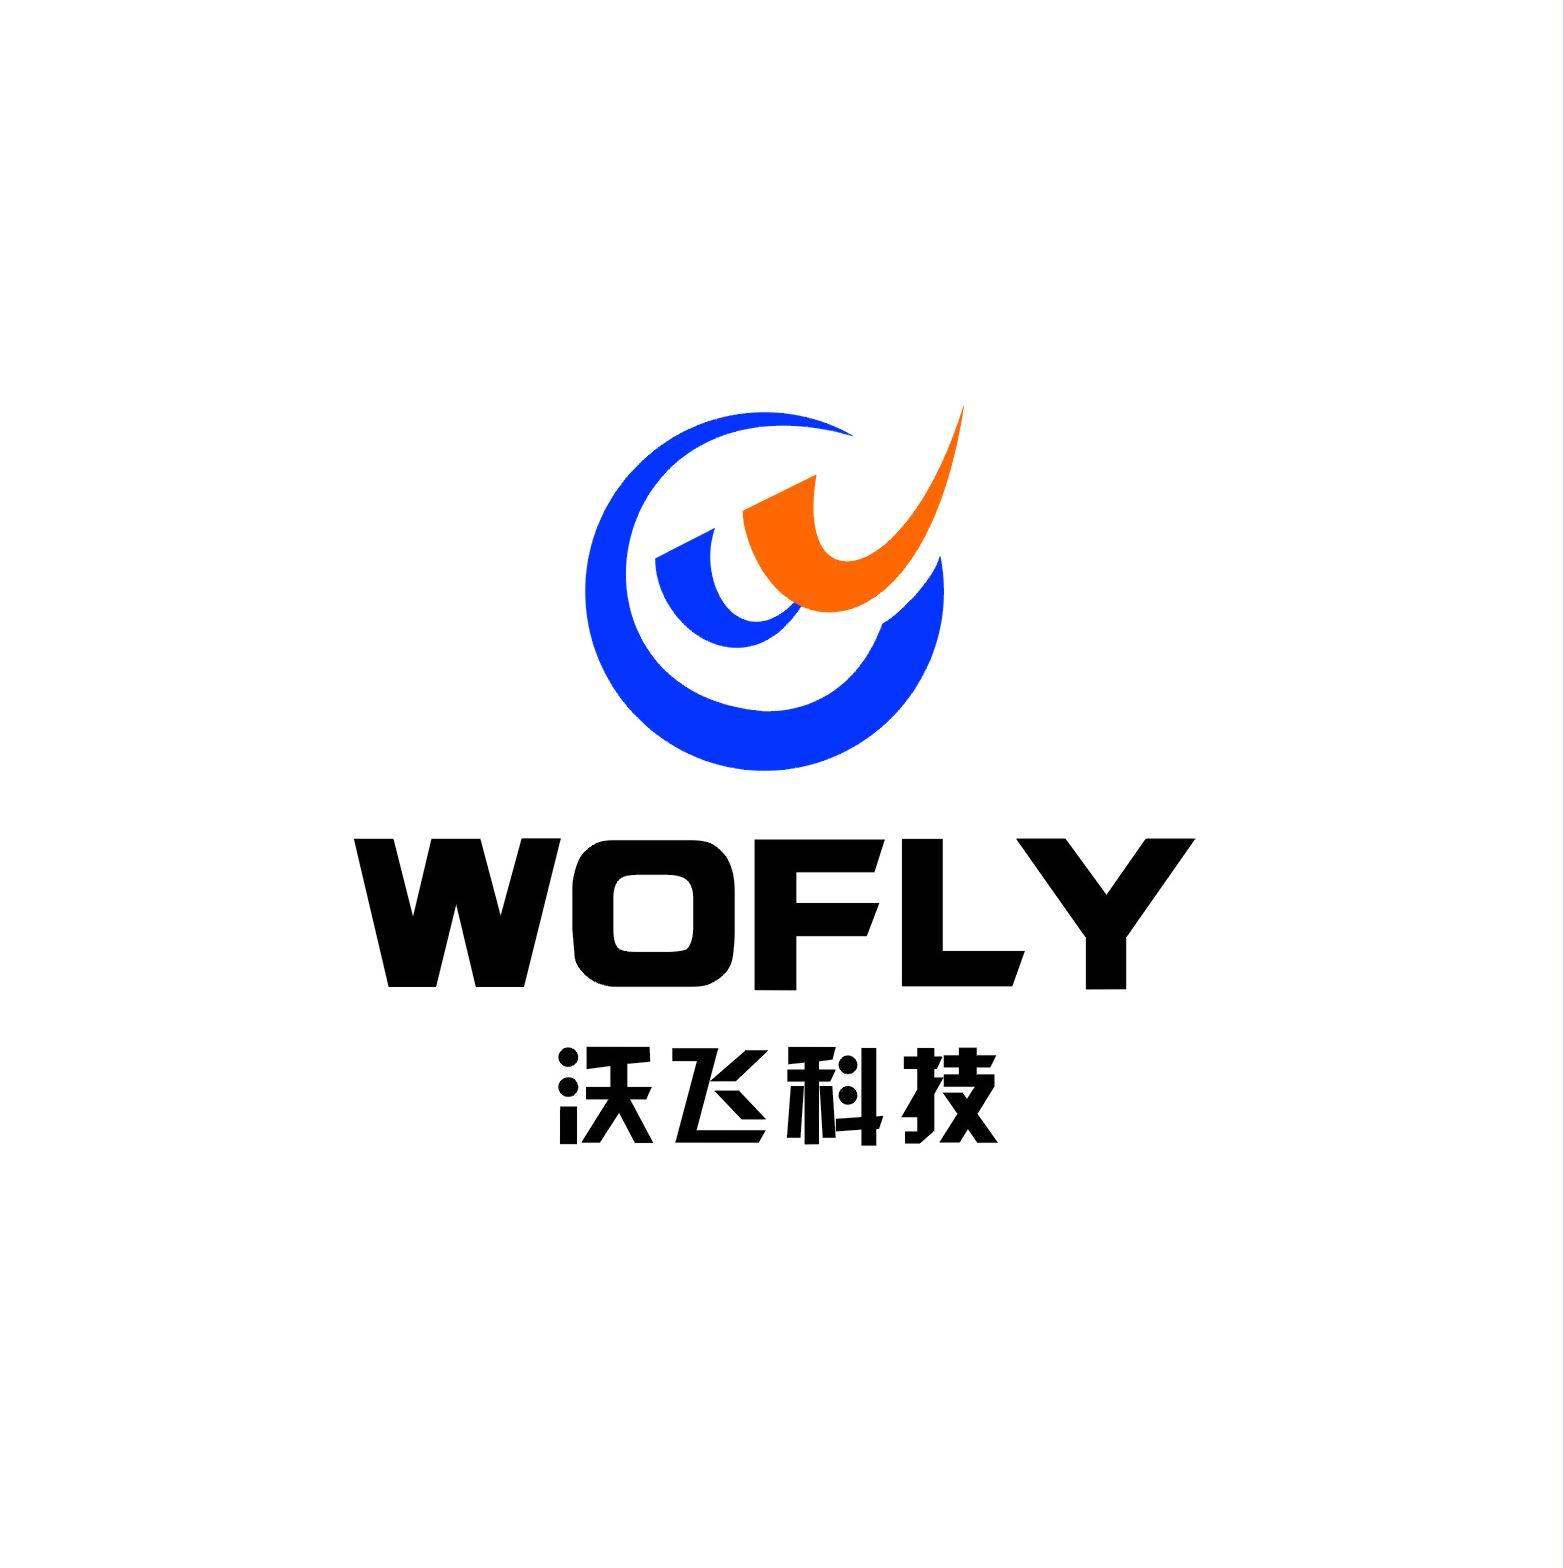 深圳沃飛科技有限公司